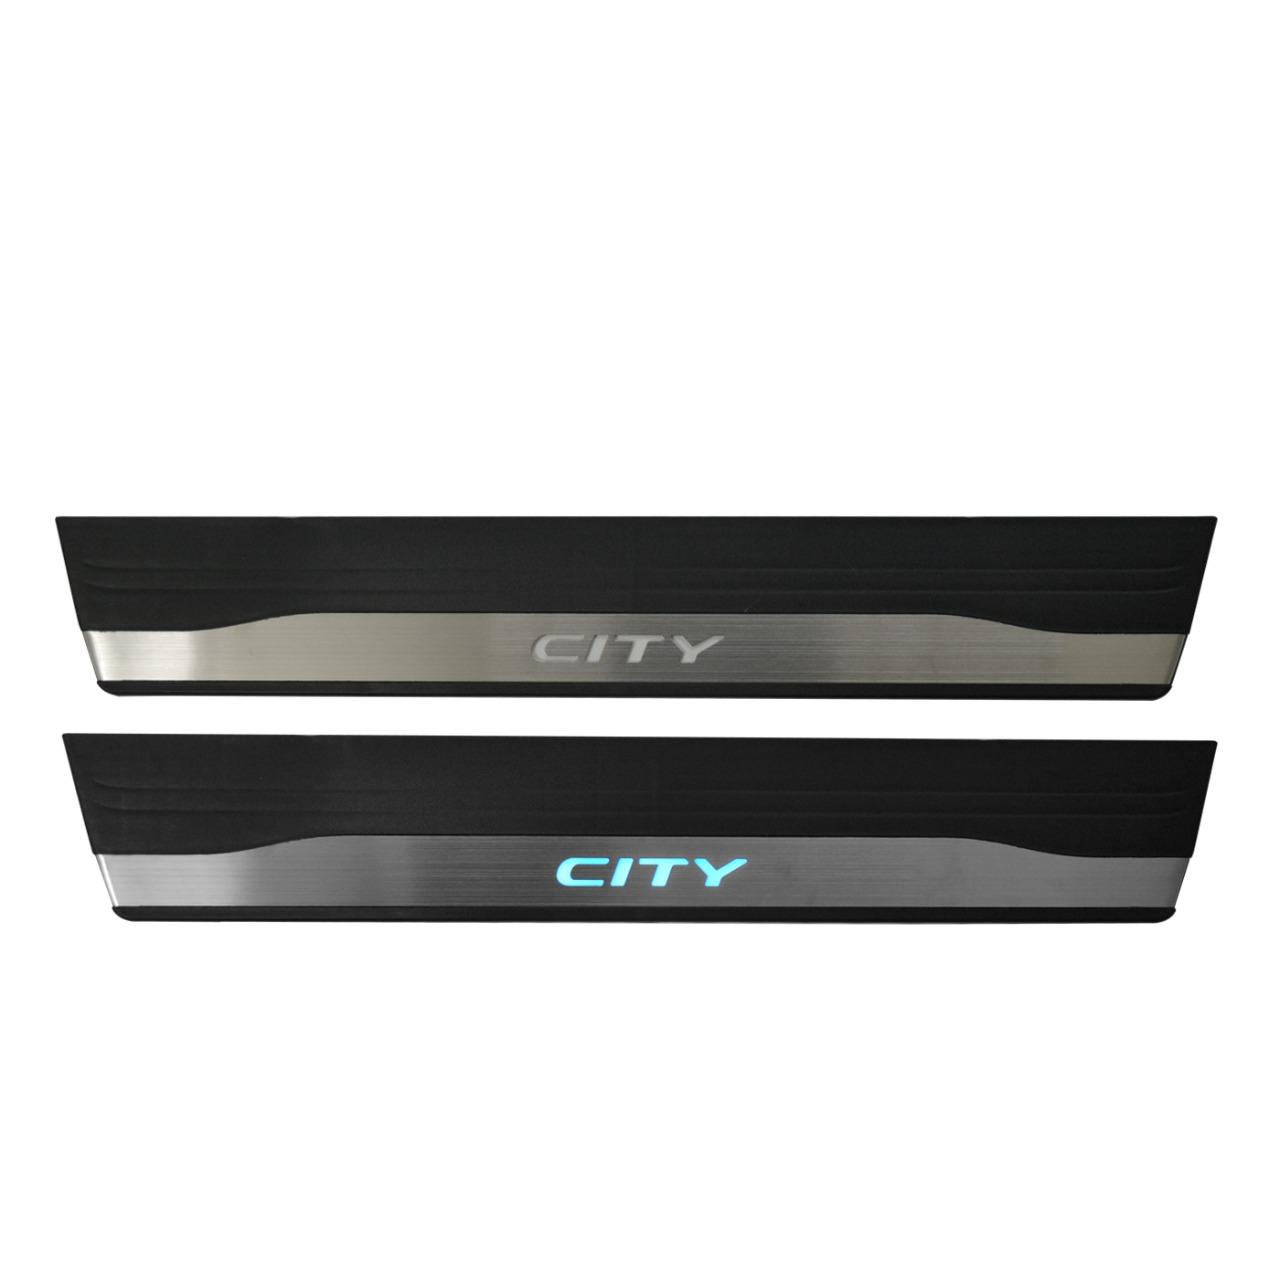 Kit Soleira de Porta Com LED City 2015 em diante Inox Iluminada SLA873